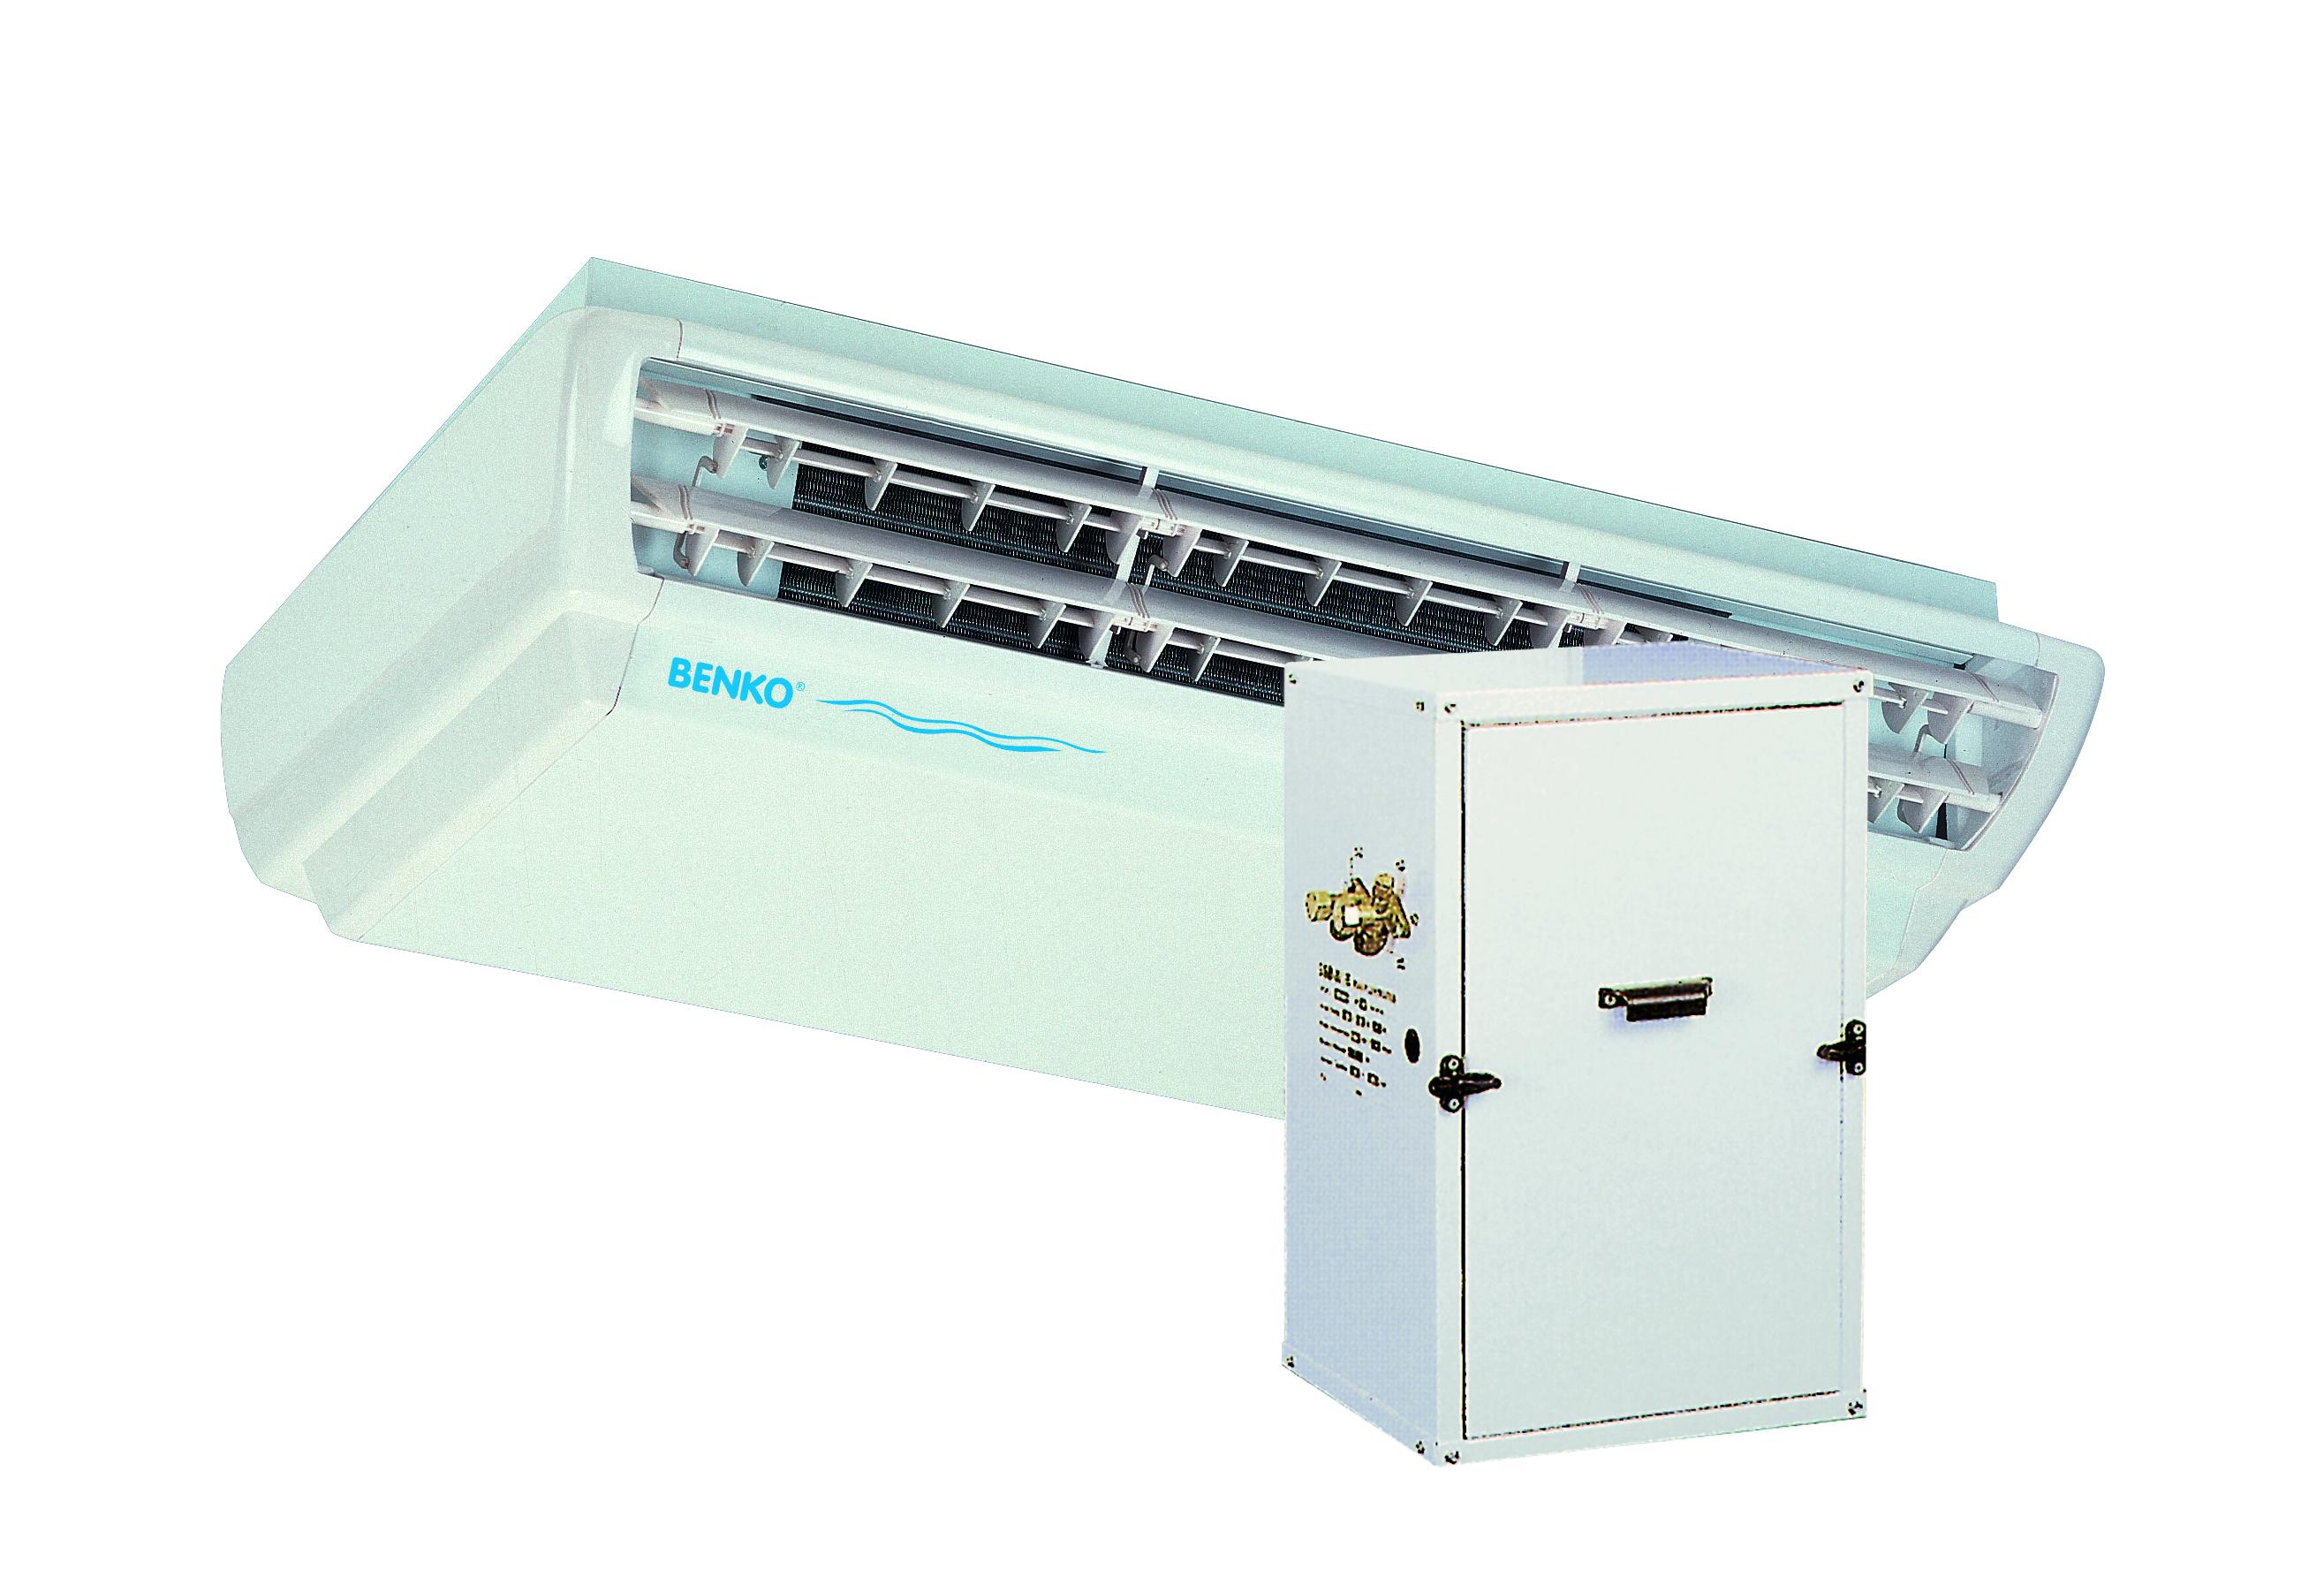 Odvlhčovač BENKO D1400 SC - 3,4kW,plocha 30m2,na strop(ext. kompresor)